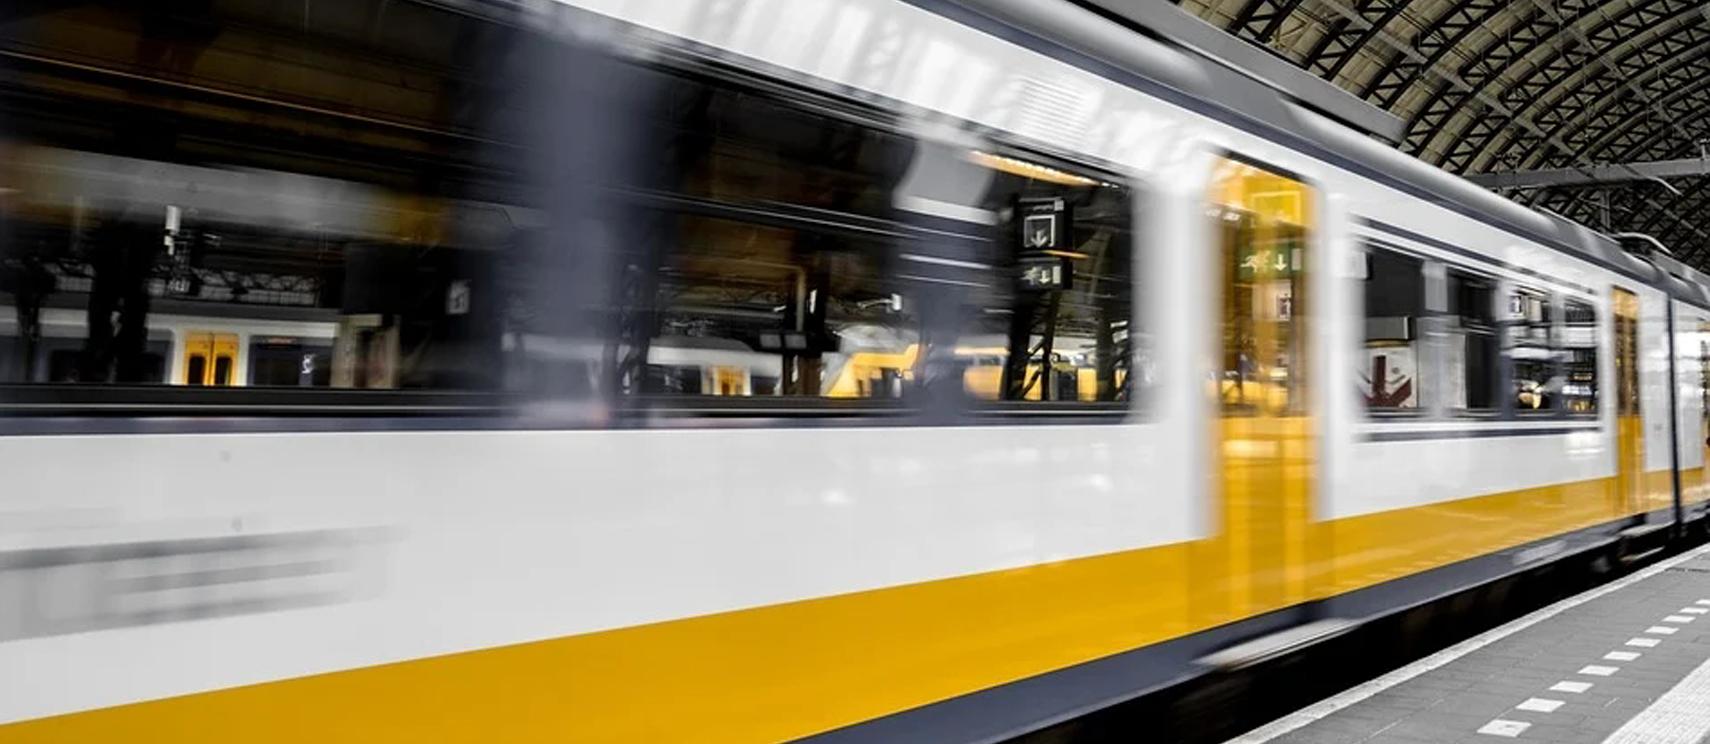 铁路亚博体育苹果下载地址_轨道交通无线对讲系统解决方案